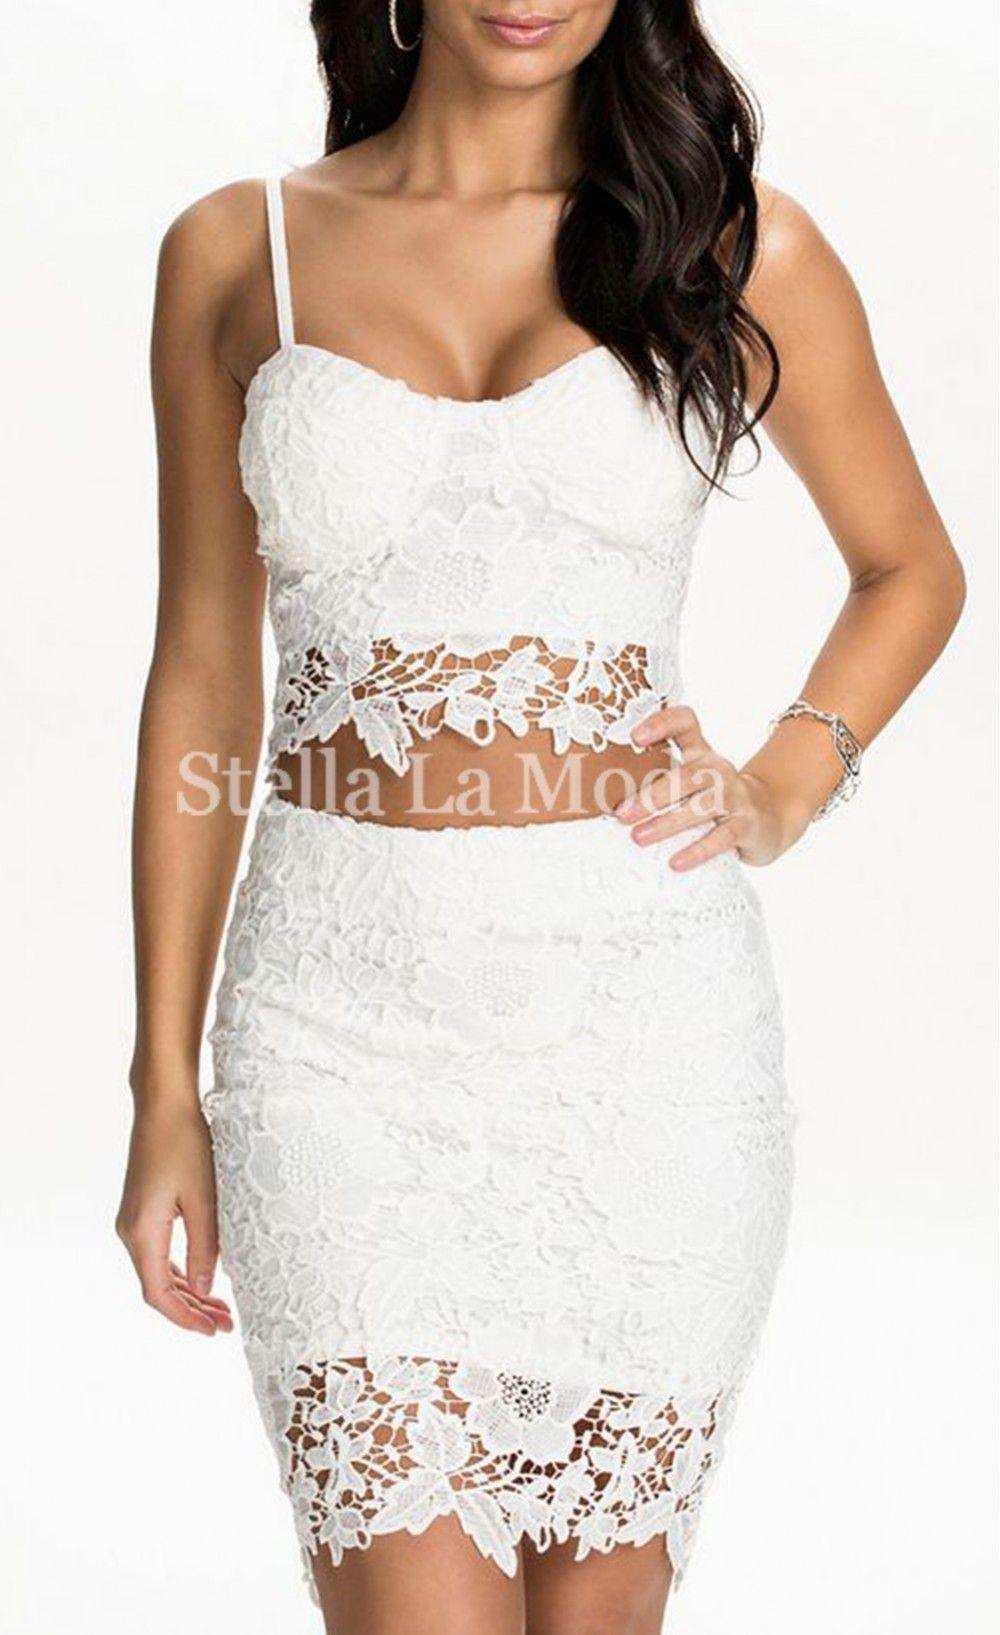 Lace bustier top skirt set stella la moda things to wear